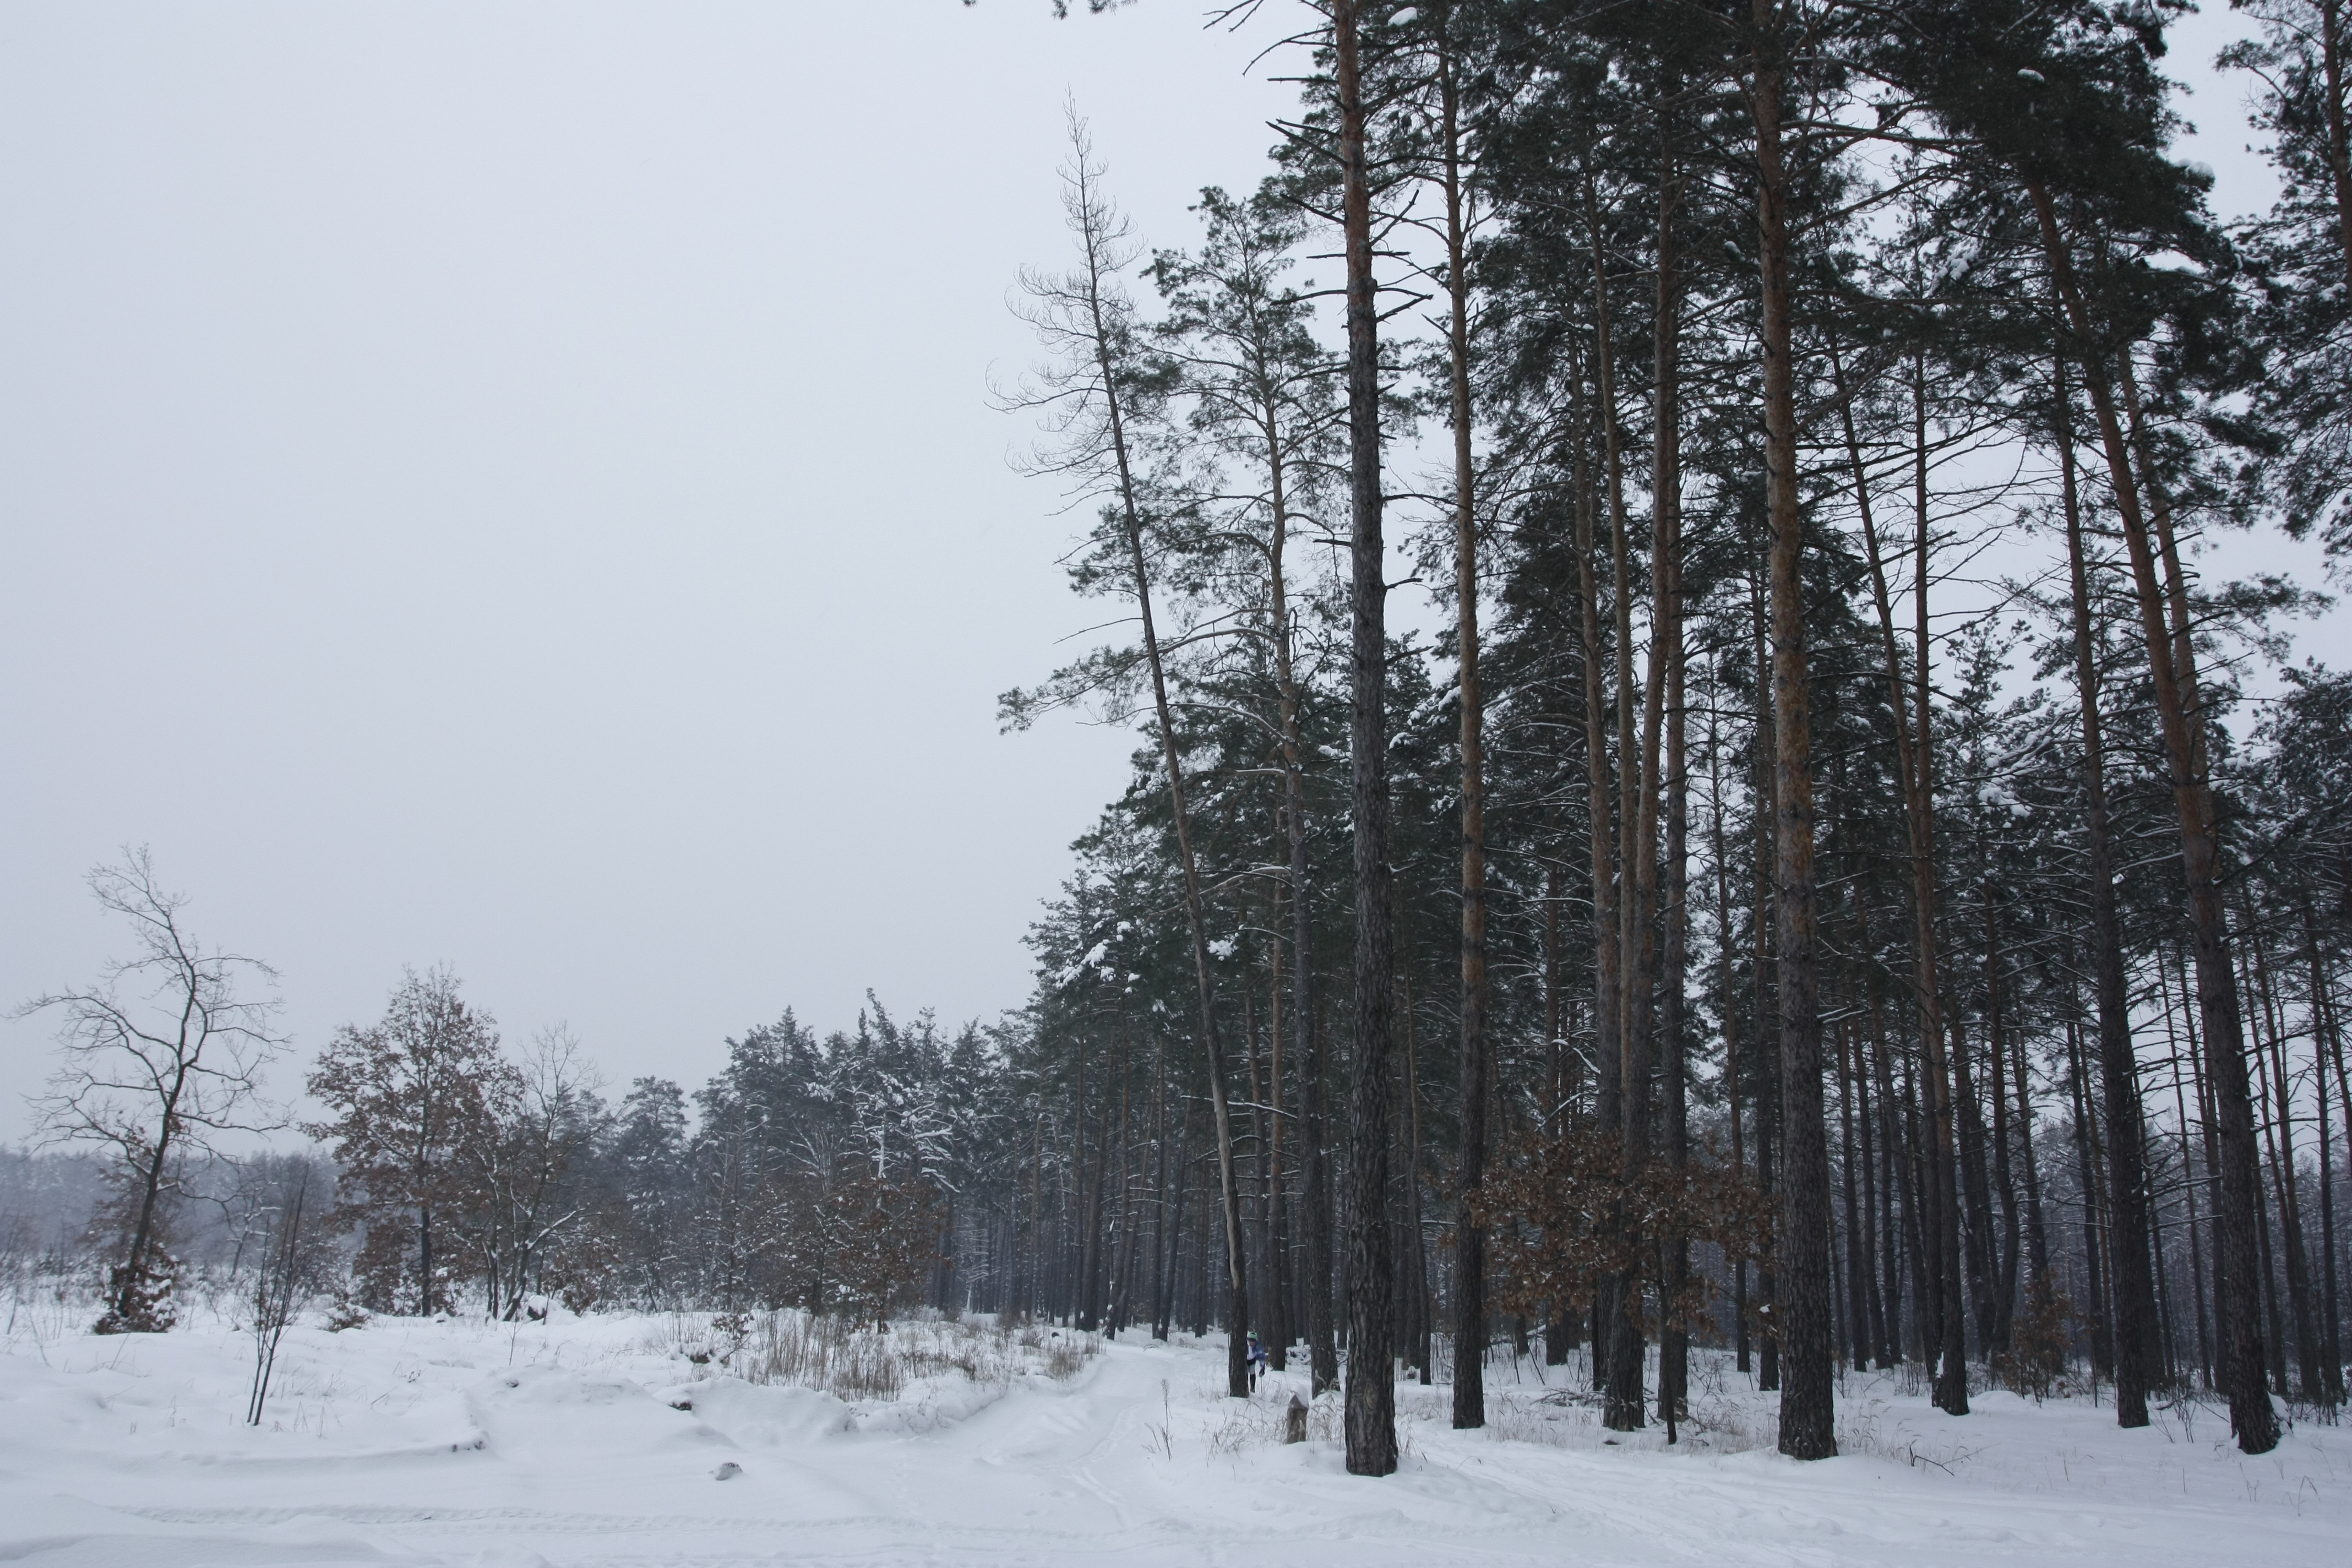 Участок леса, вырубленный в июле 2010 года. Фото: The Epoch Times Украина